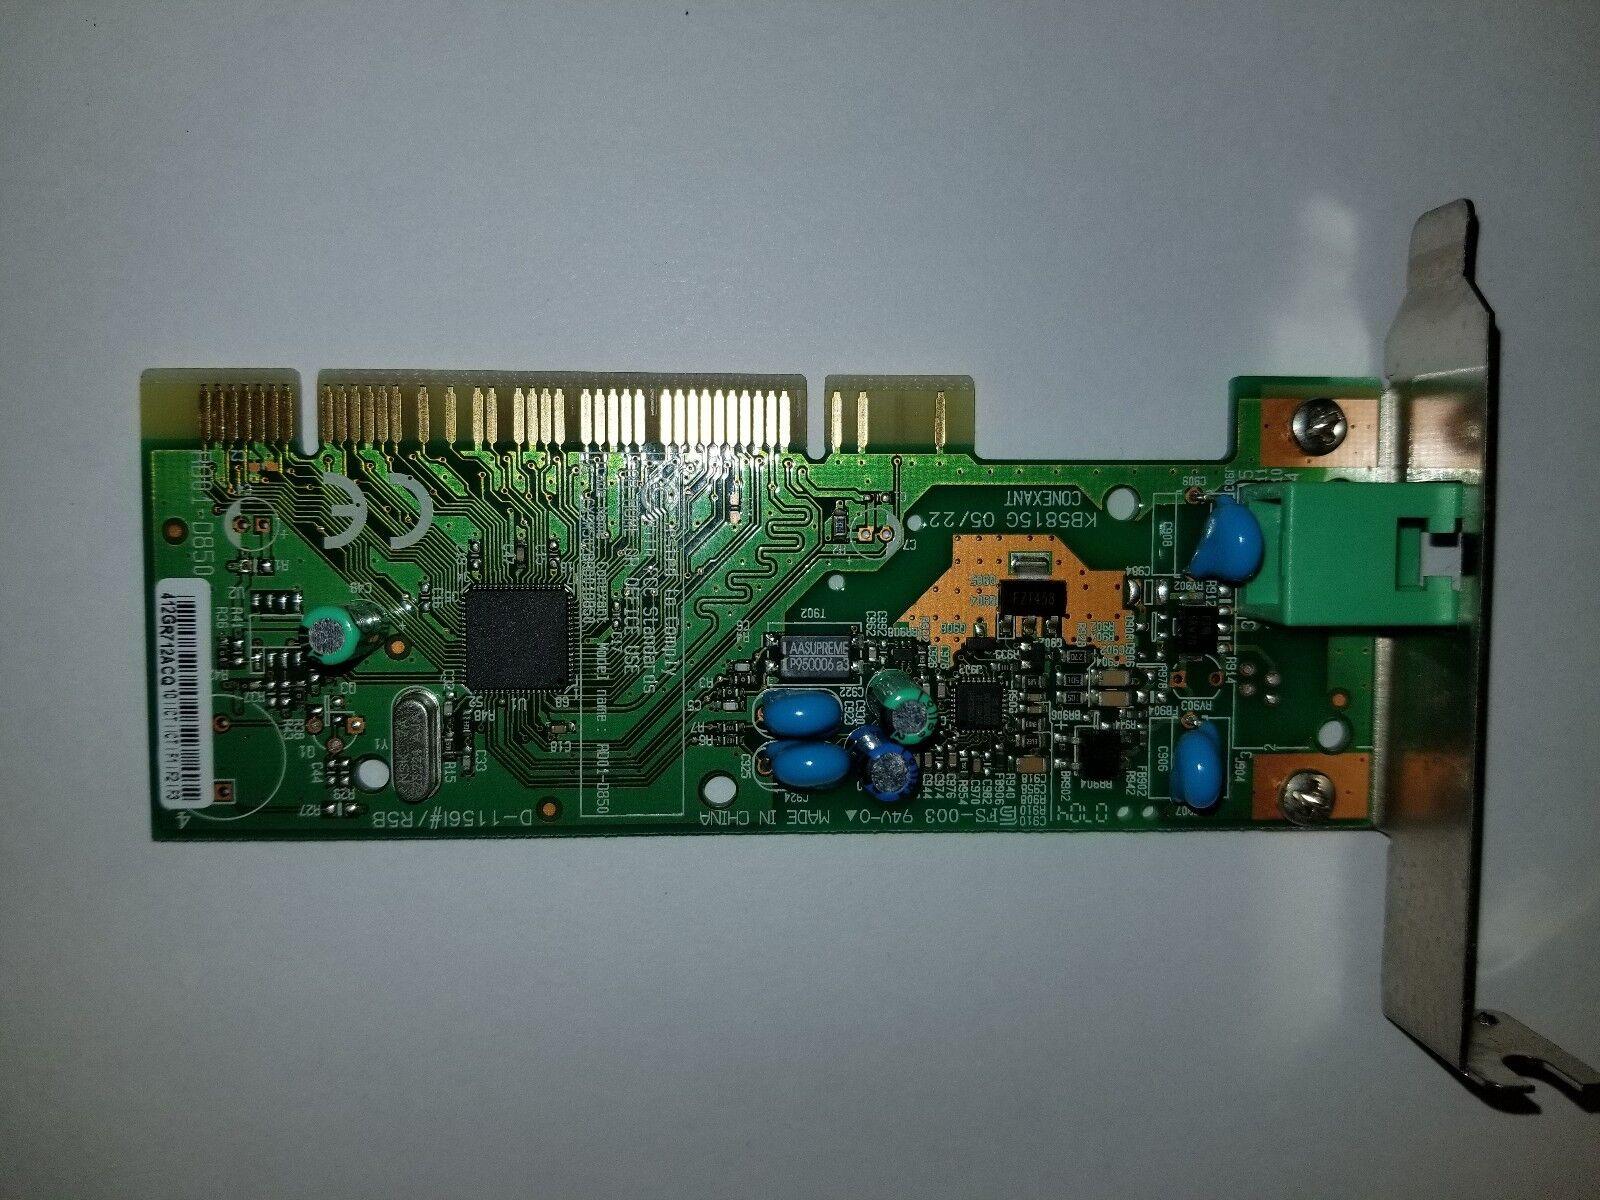 5188-6017 56Kbps V.92 (T-Rex) Low Profile Controllerless Fax/Modem RD01-D855-005